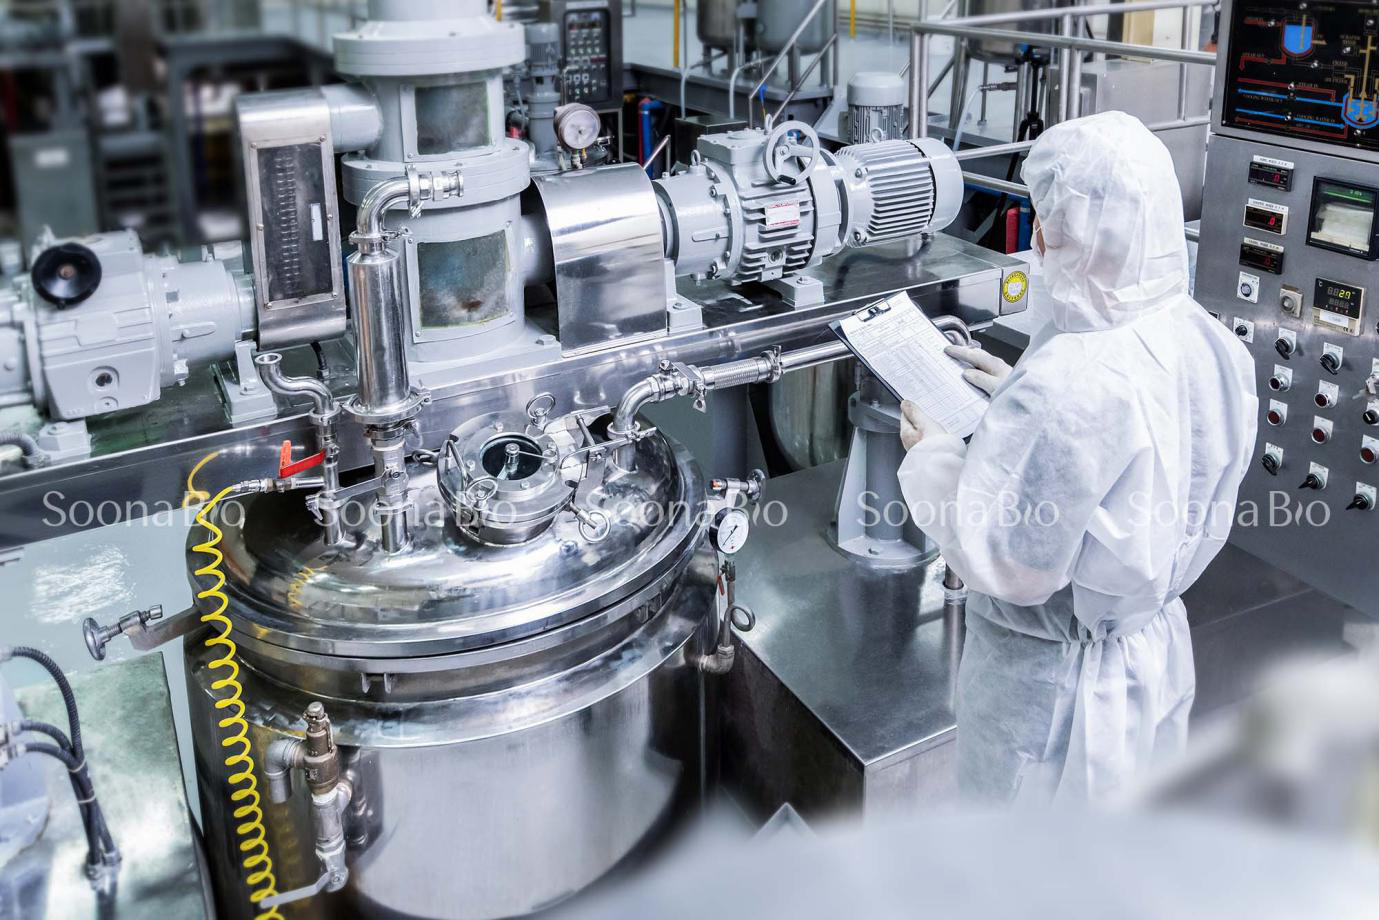 Tiên phong ứng dụng thành công công nghệ sinh học vào sản xuất tinh chất nhau thai cừu - Ảnh 1.